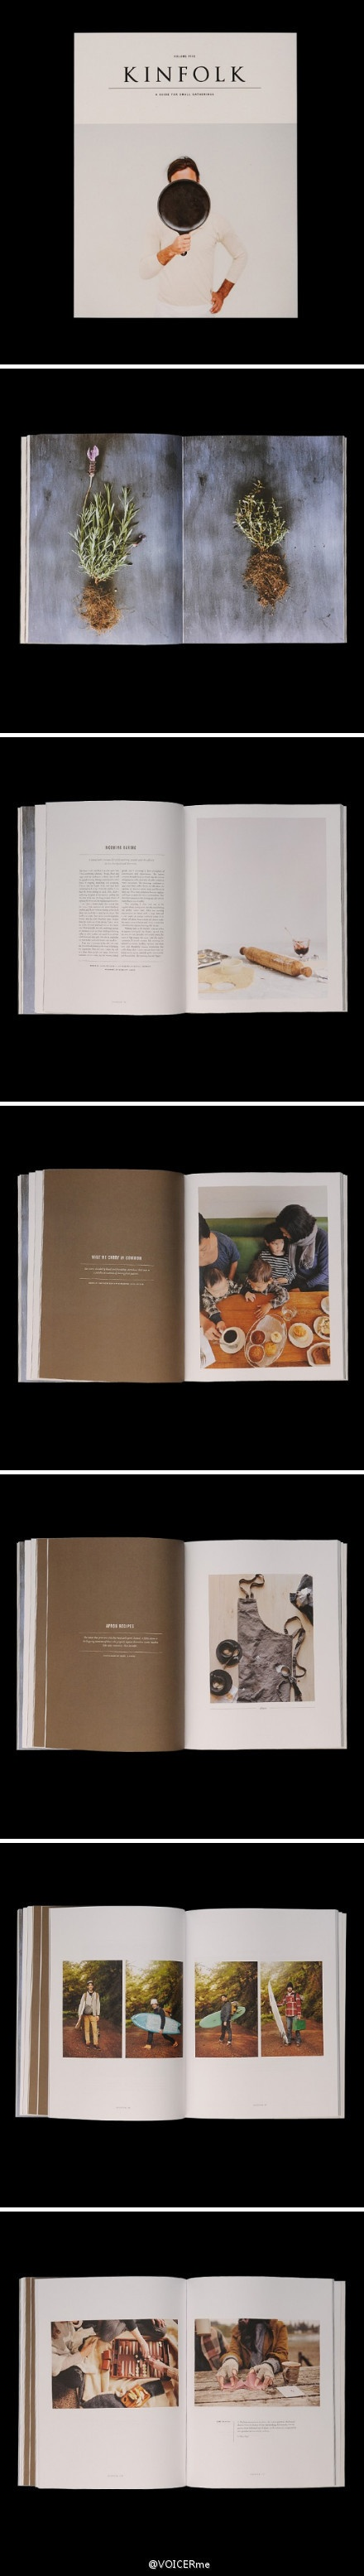 杂志 《Kinfolk》vol.5出炉,整个色调都变得秋天起来。秋高气爽的日子里,最舒服的事情,莫过于与好友奔赴自然的怀抱,然后一起为亲手制作的美味佳肴干杯!